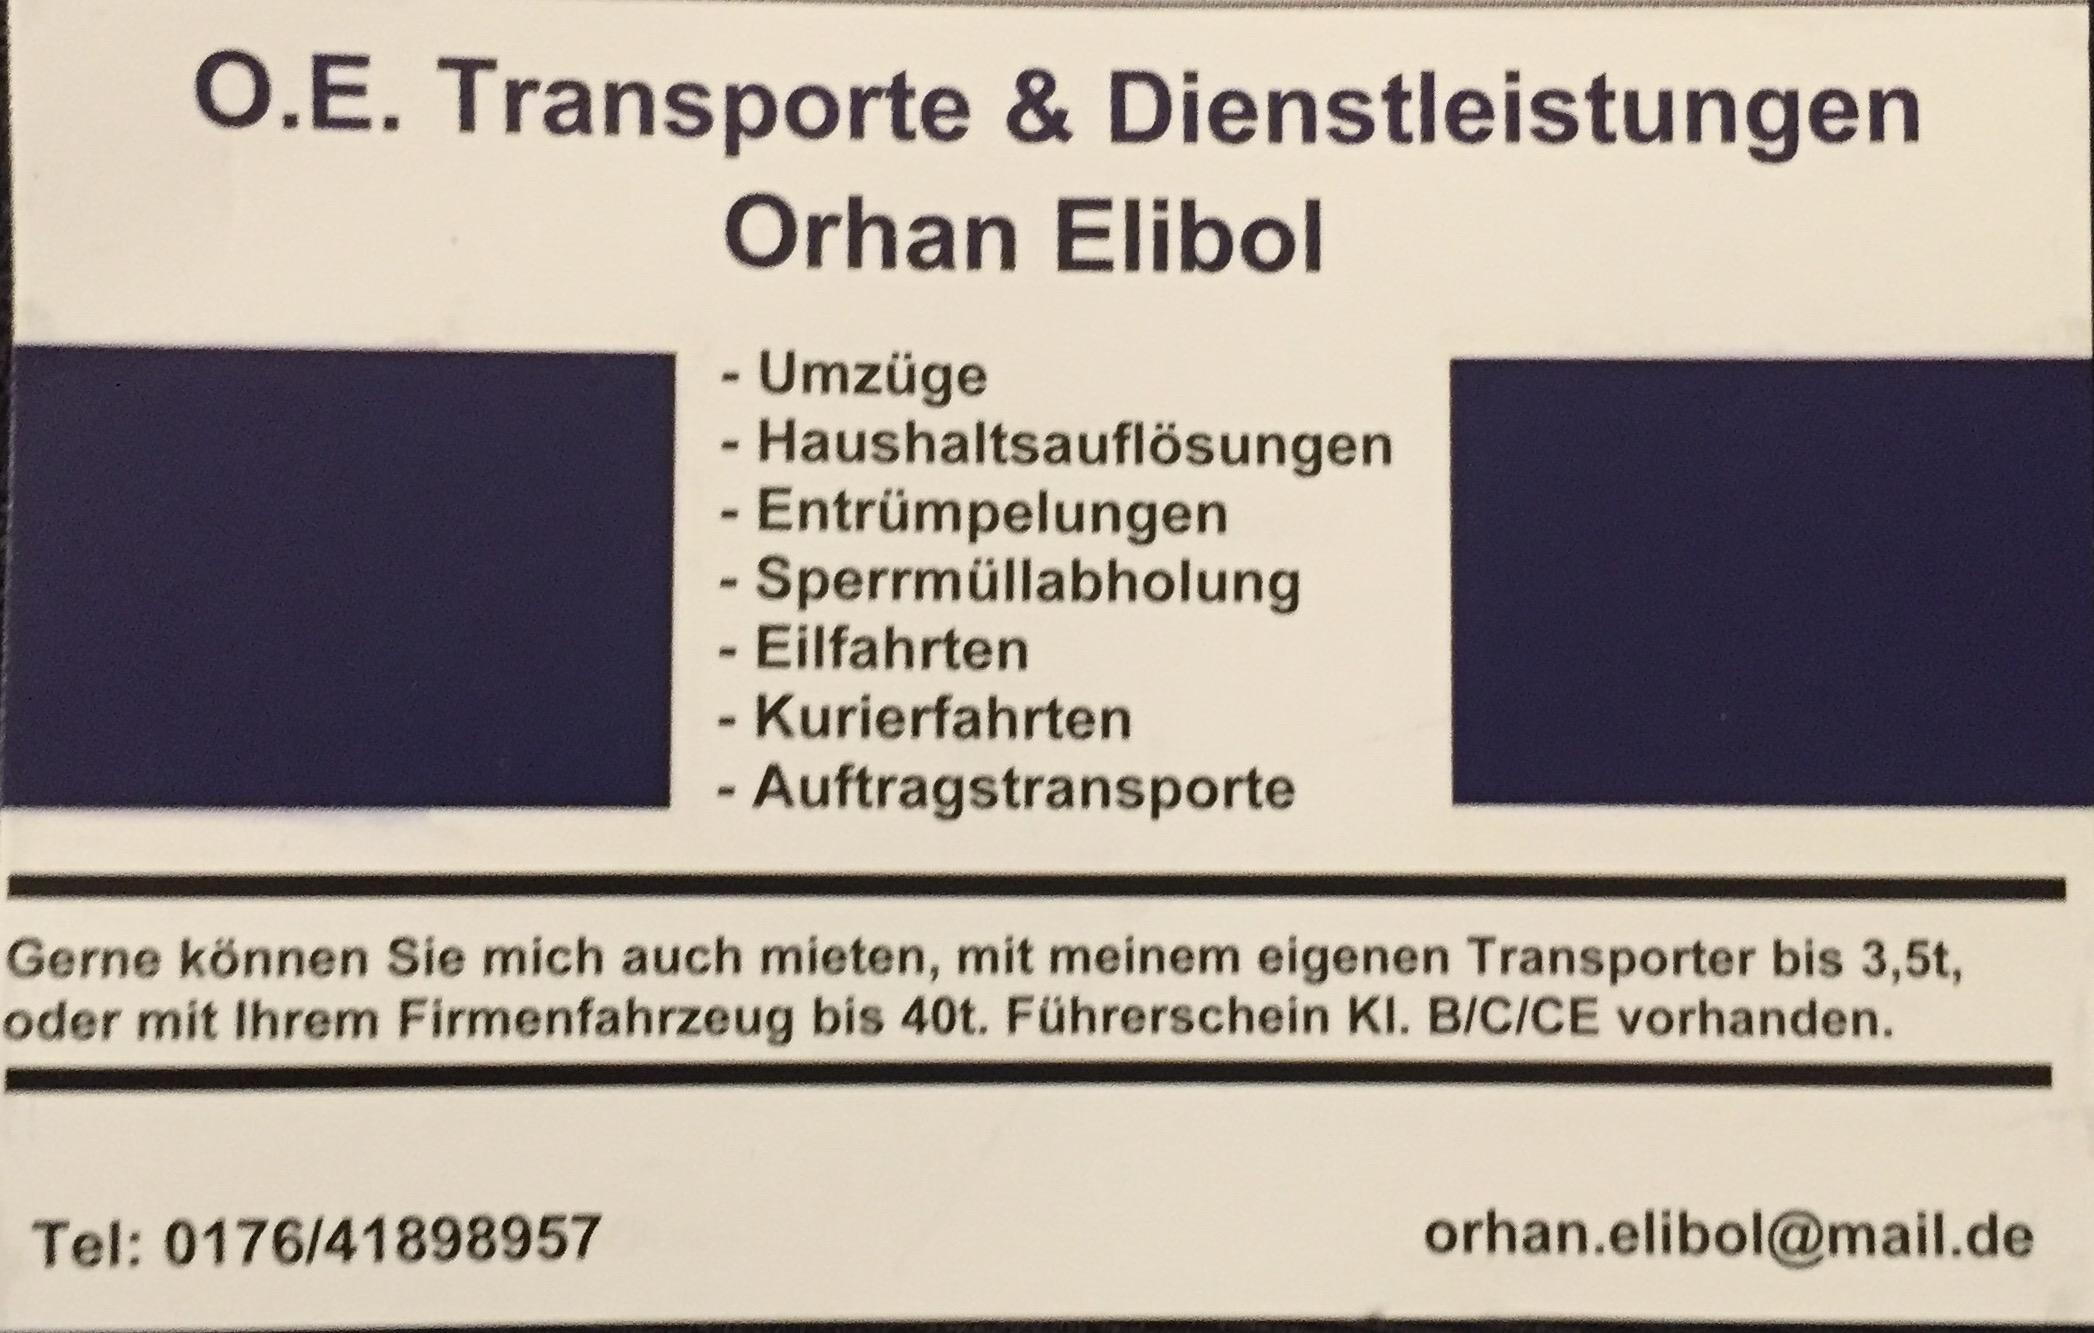 O.E. Transporte und Dienstleistungen Orhan Elibol